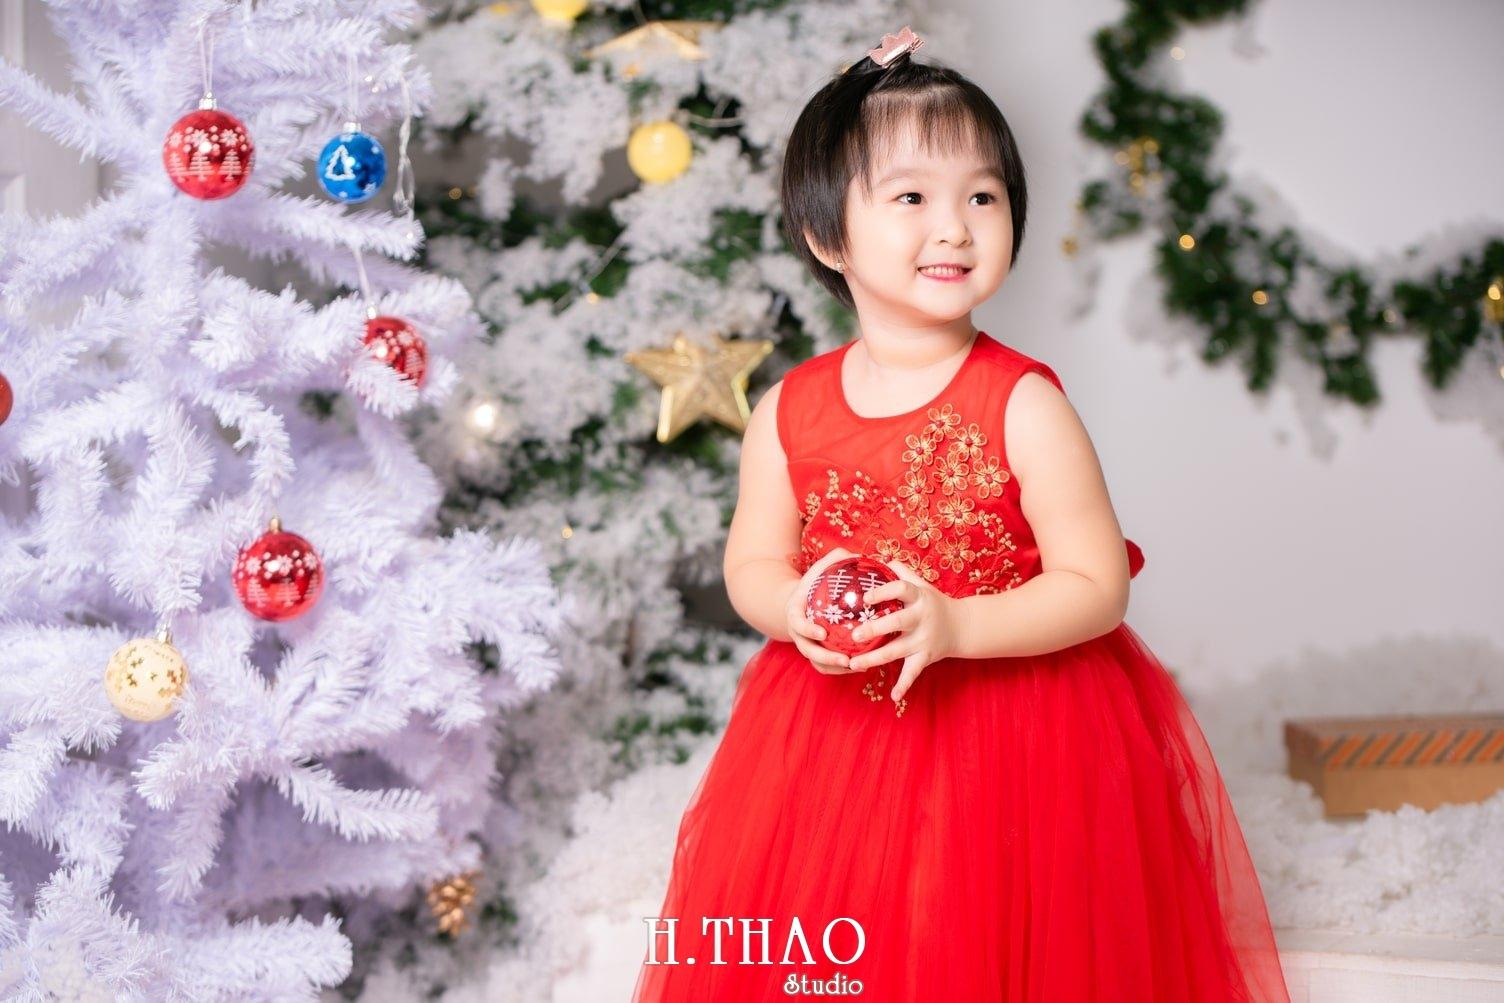 Anh be noel 21 - Album ảnh noel chụp cho con gái cưng chị Linh - HThao Studio